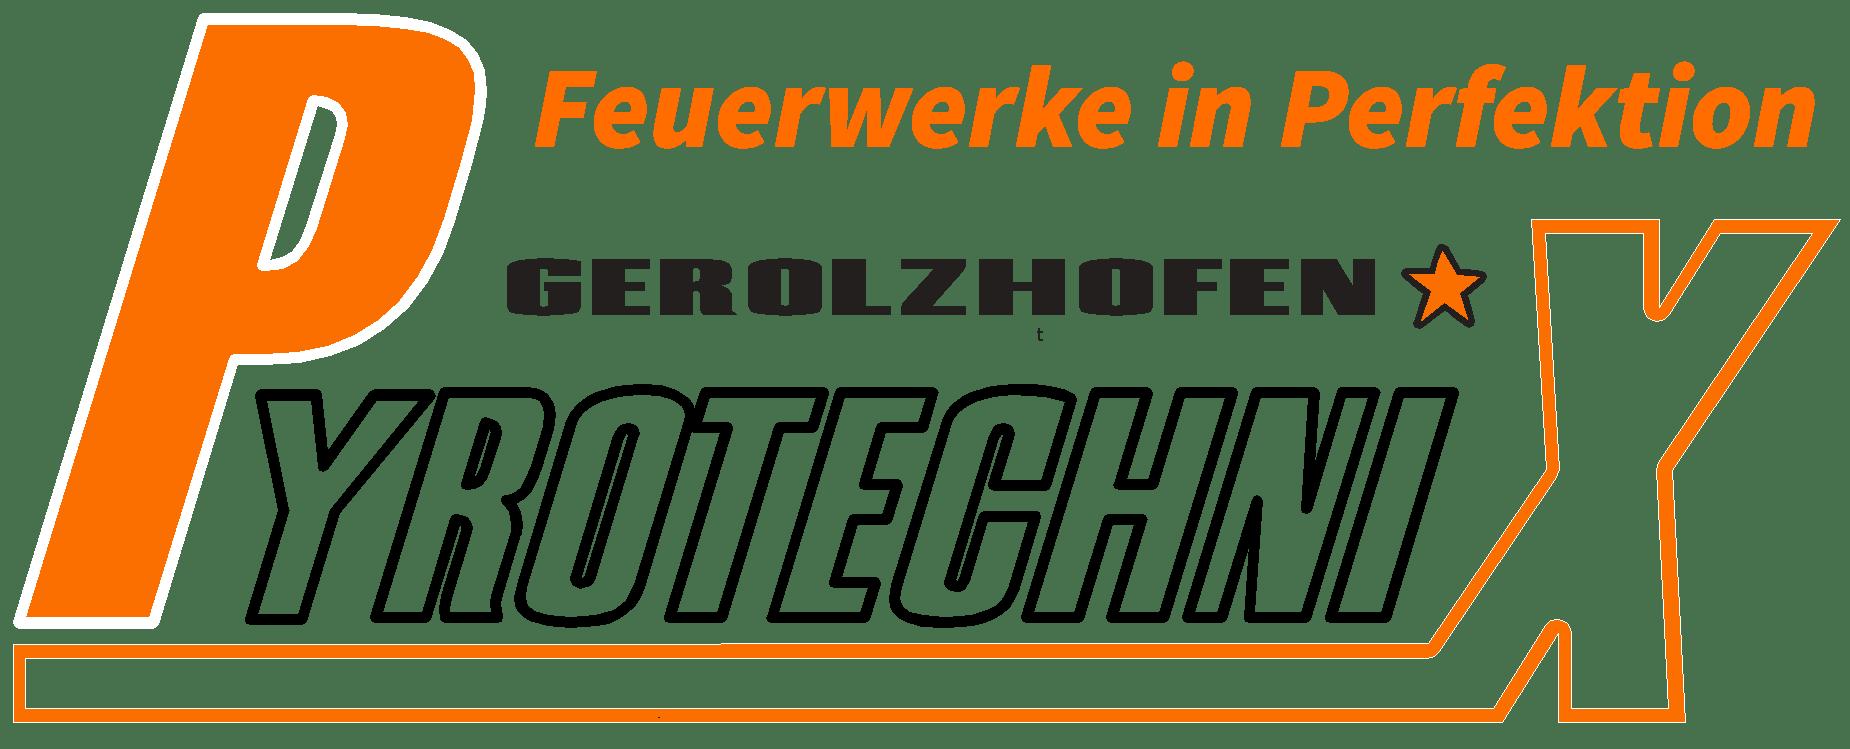 Pyrotechnix Feuerwerk Online Shop